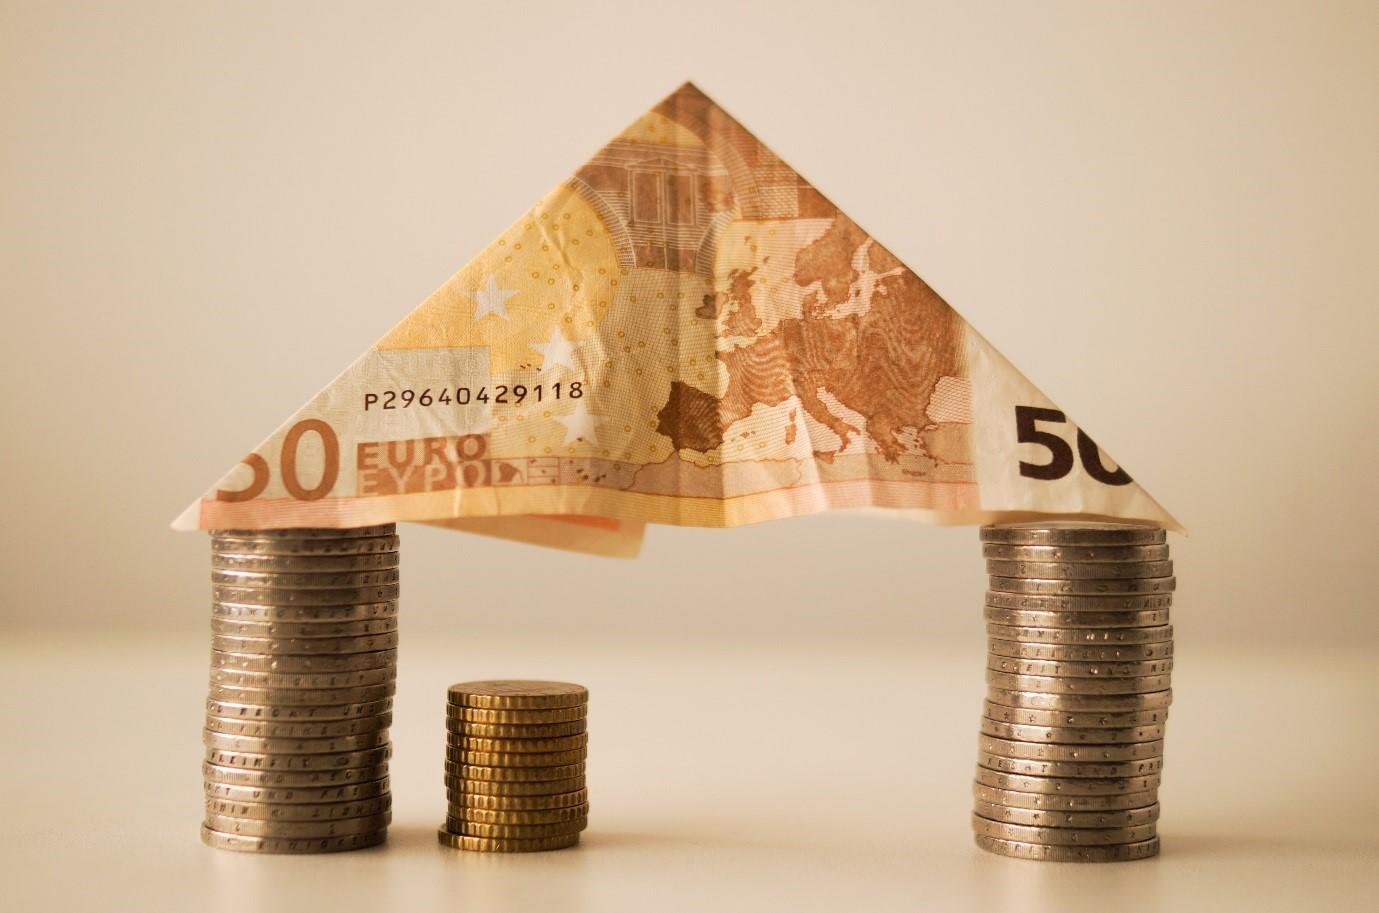 Blyantspenge: EU-Parlamentet Nærmer Sig En Afgørelse